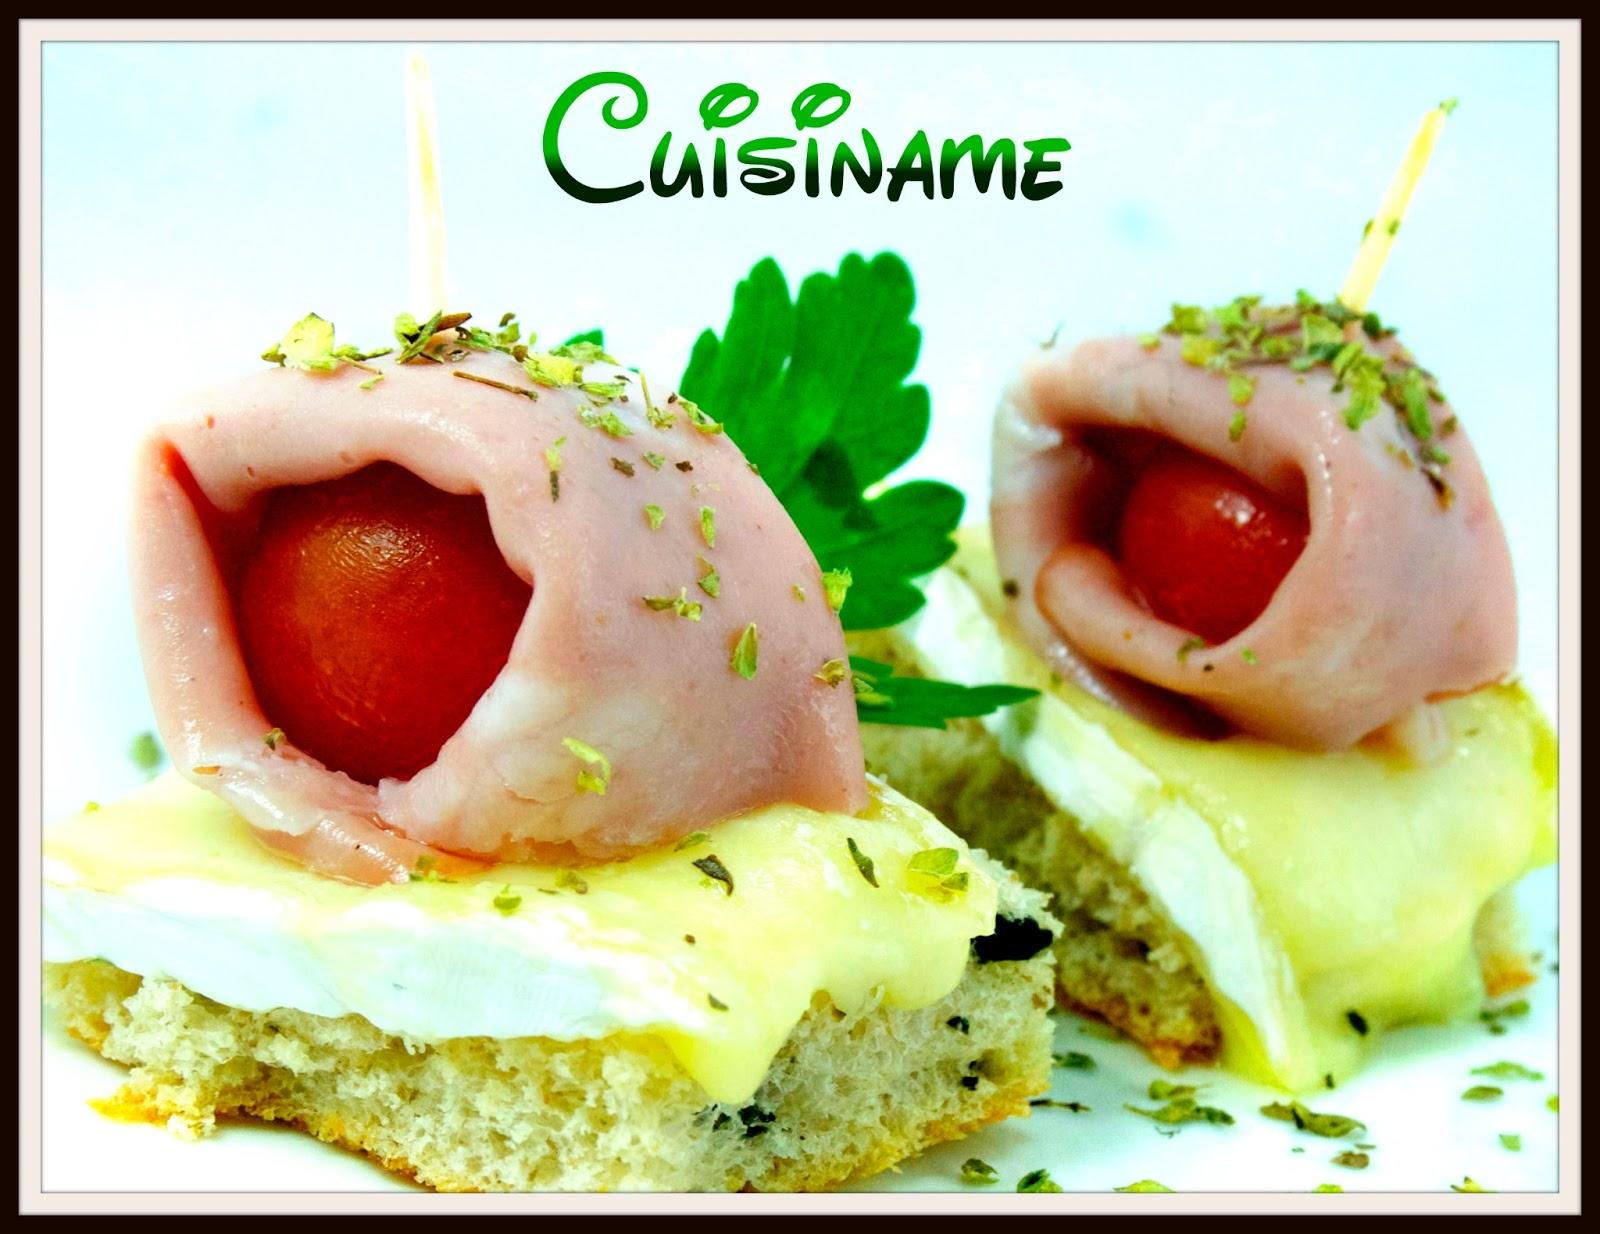 Recetas De Cocina Originales   Recetas De Cocina Cuisiname